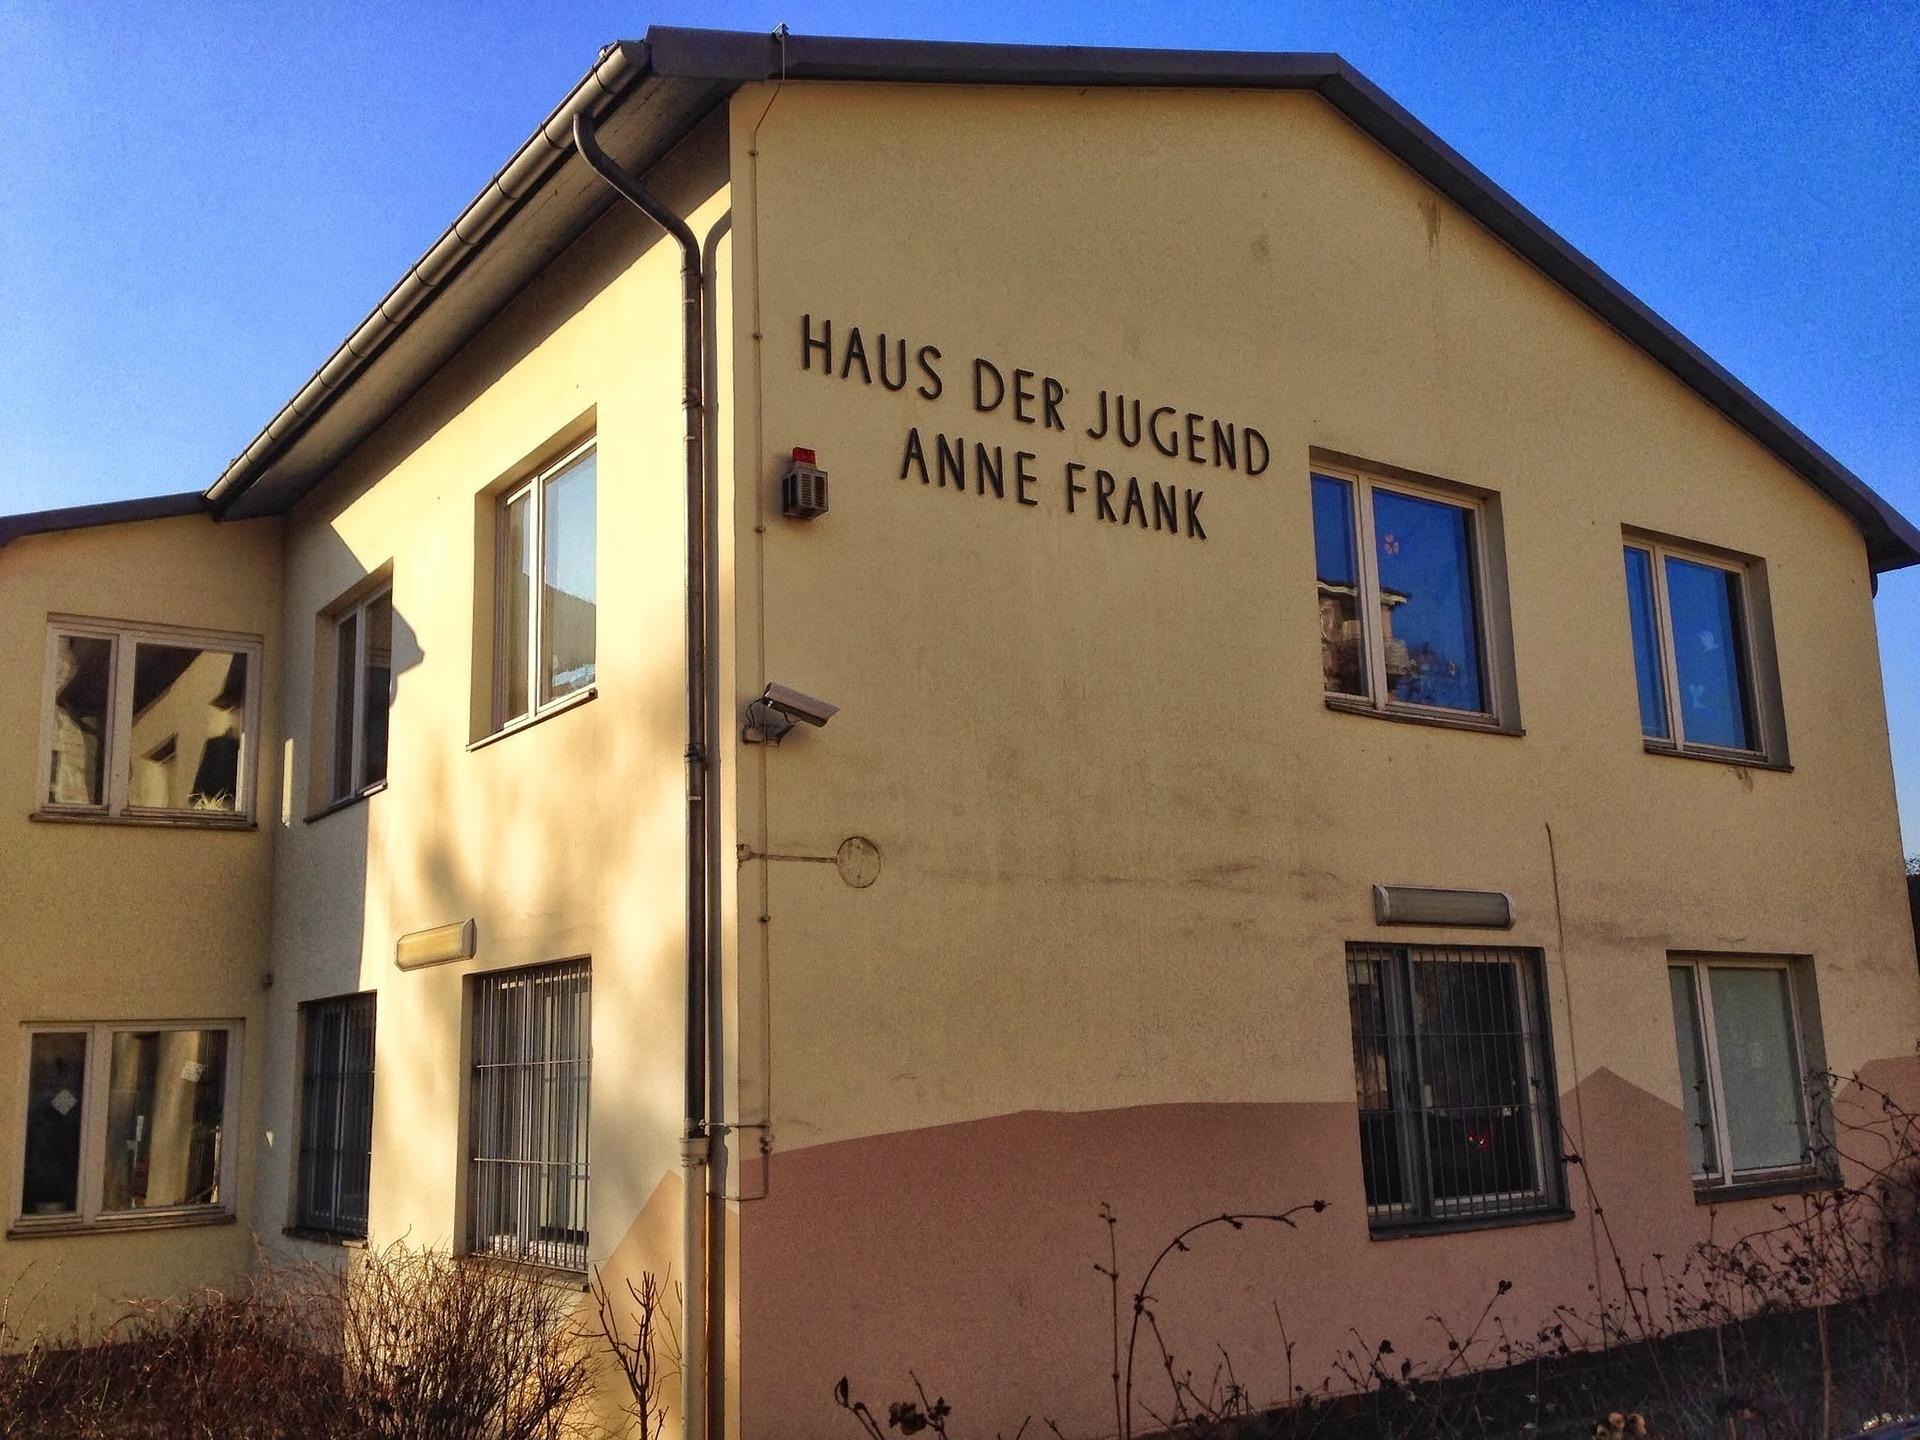 בית אנה פרנק